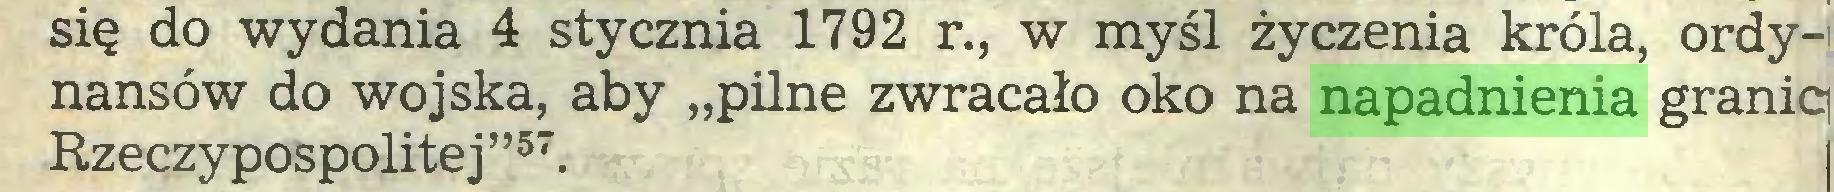 """(...) się do wydania 4 stycznia 1792 r., w myśl życzenia króla, ordynansów do wojska, aby """"pilne zwracało oko na napadnienia graniq Rzeczypospolitej""""57..."""